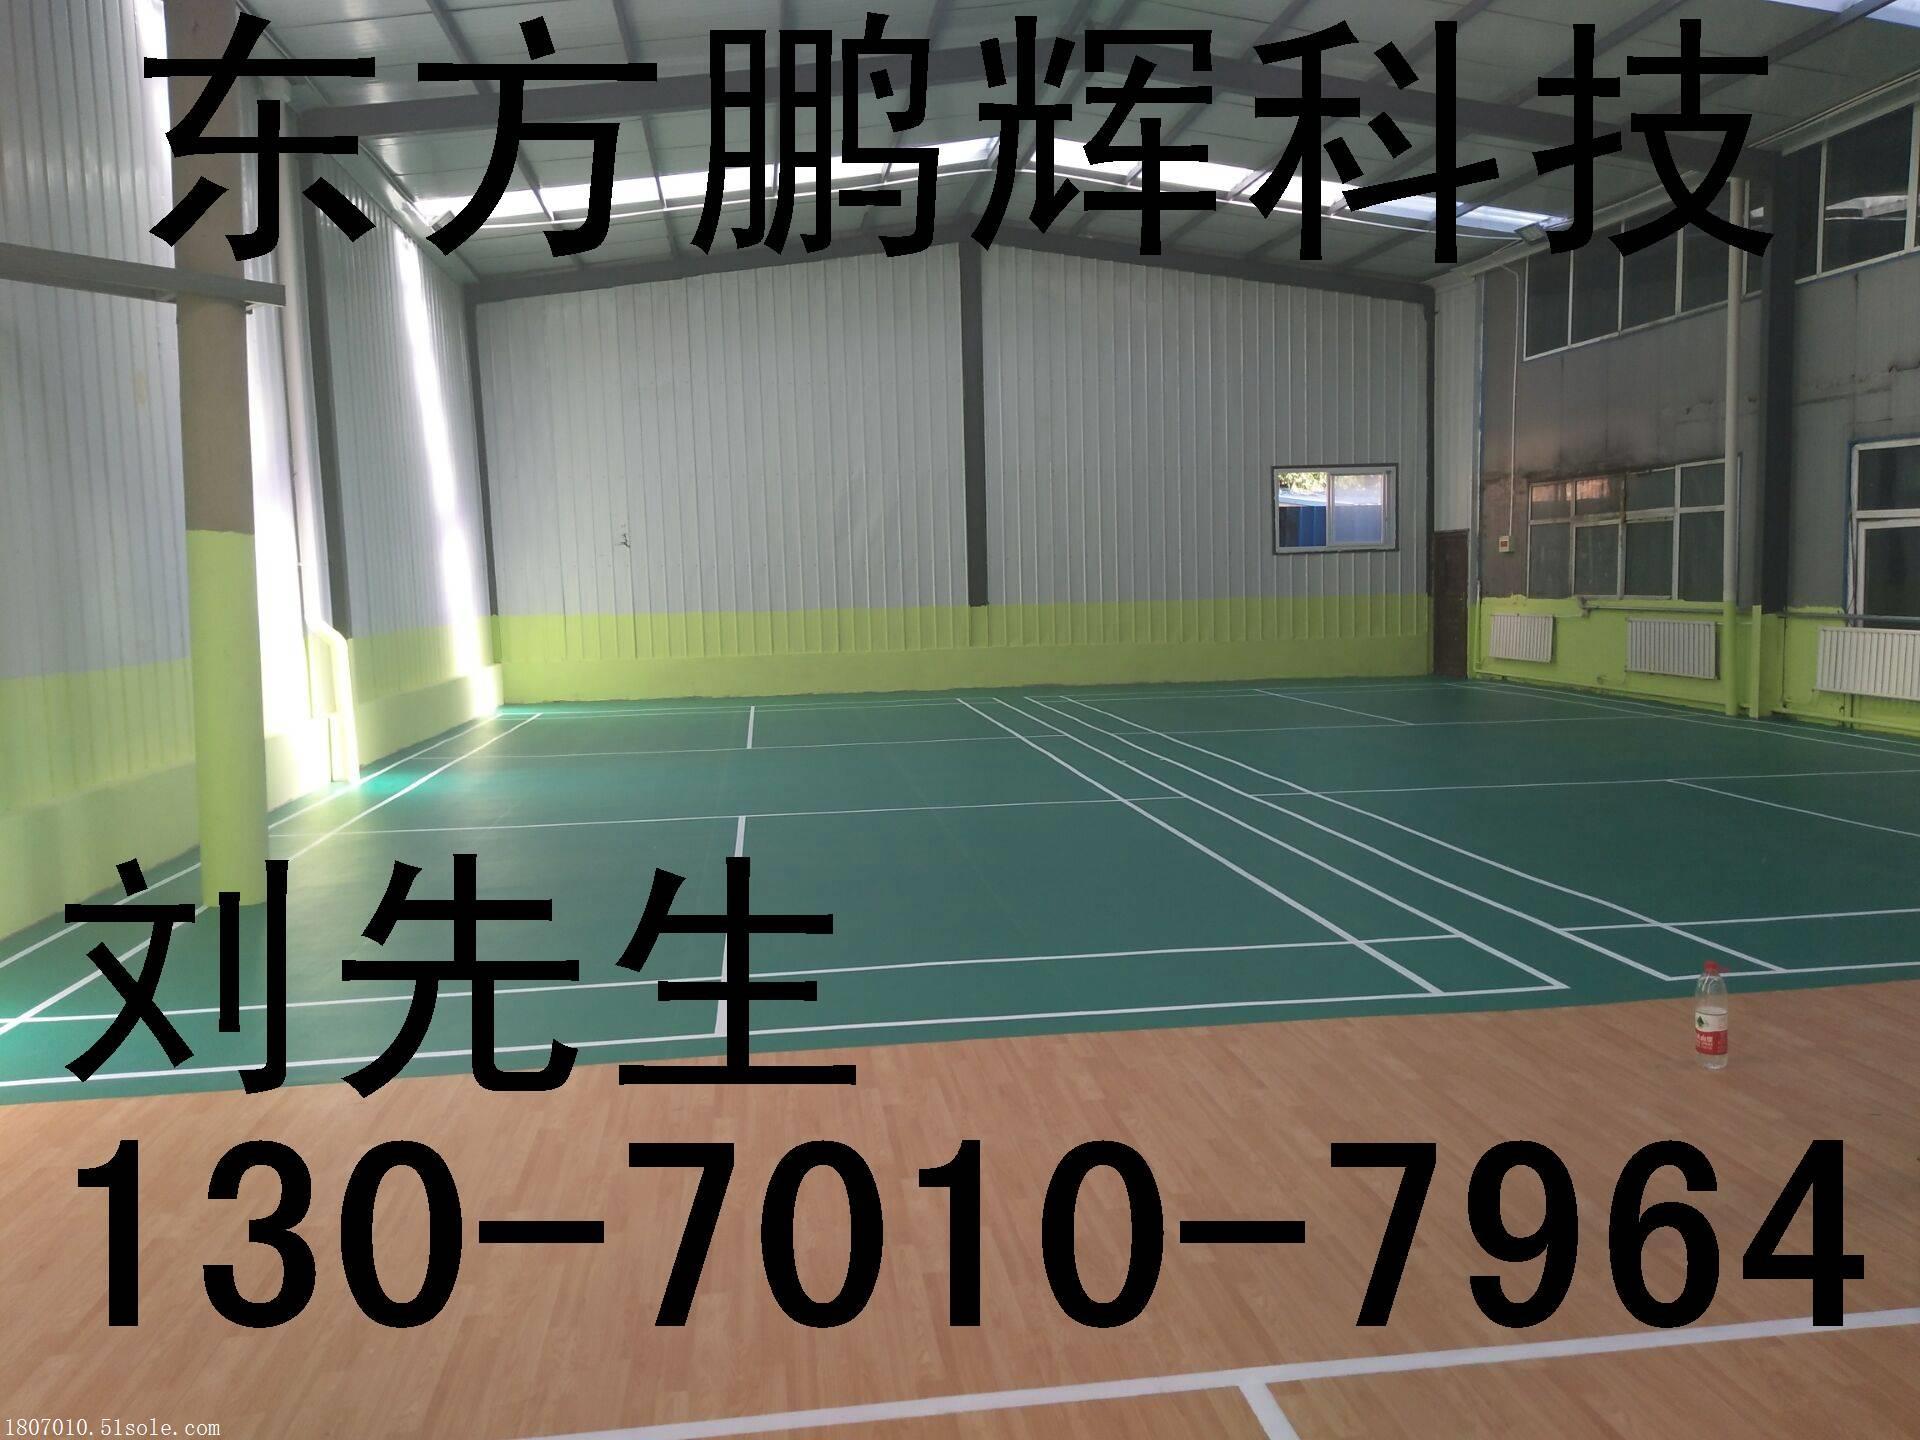 乒乓球地板胶价格 乒乓球室塑胶地板 乒乓球塑胶地板